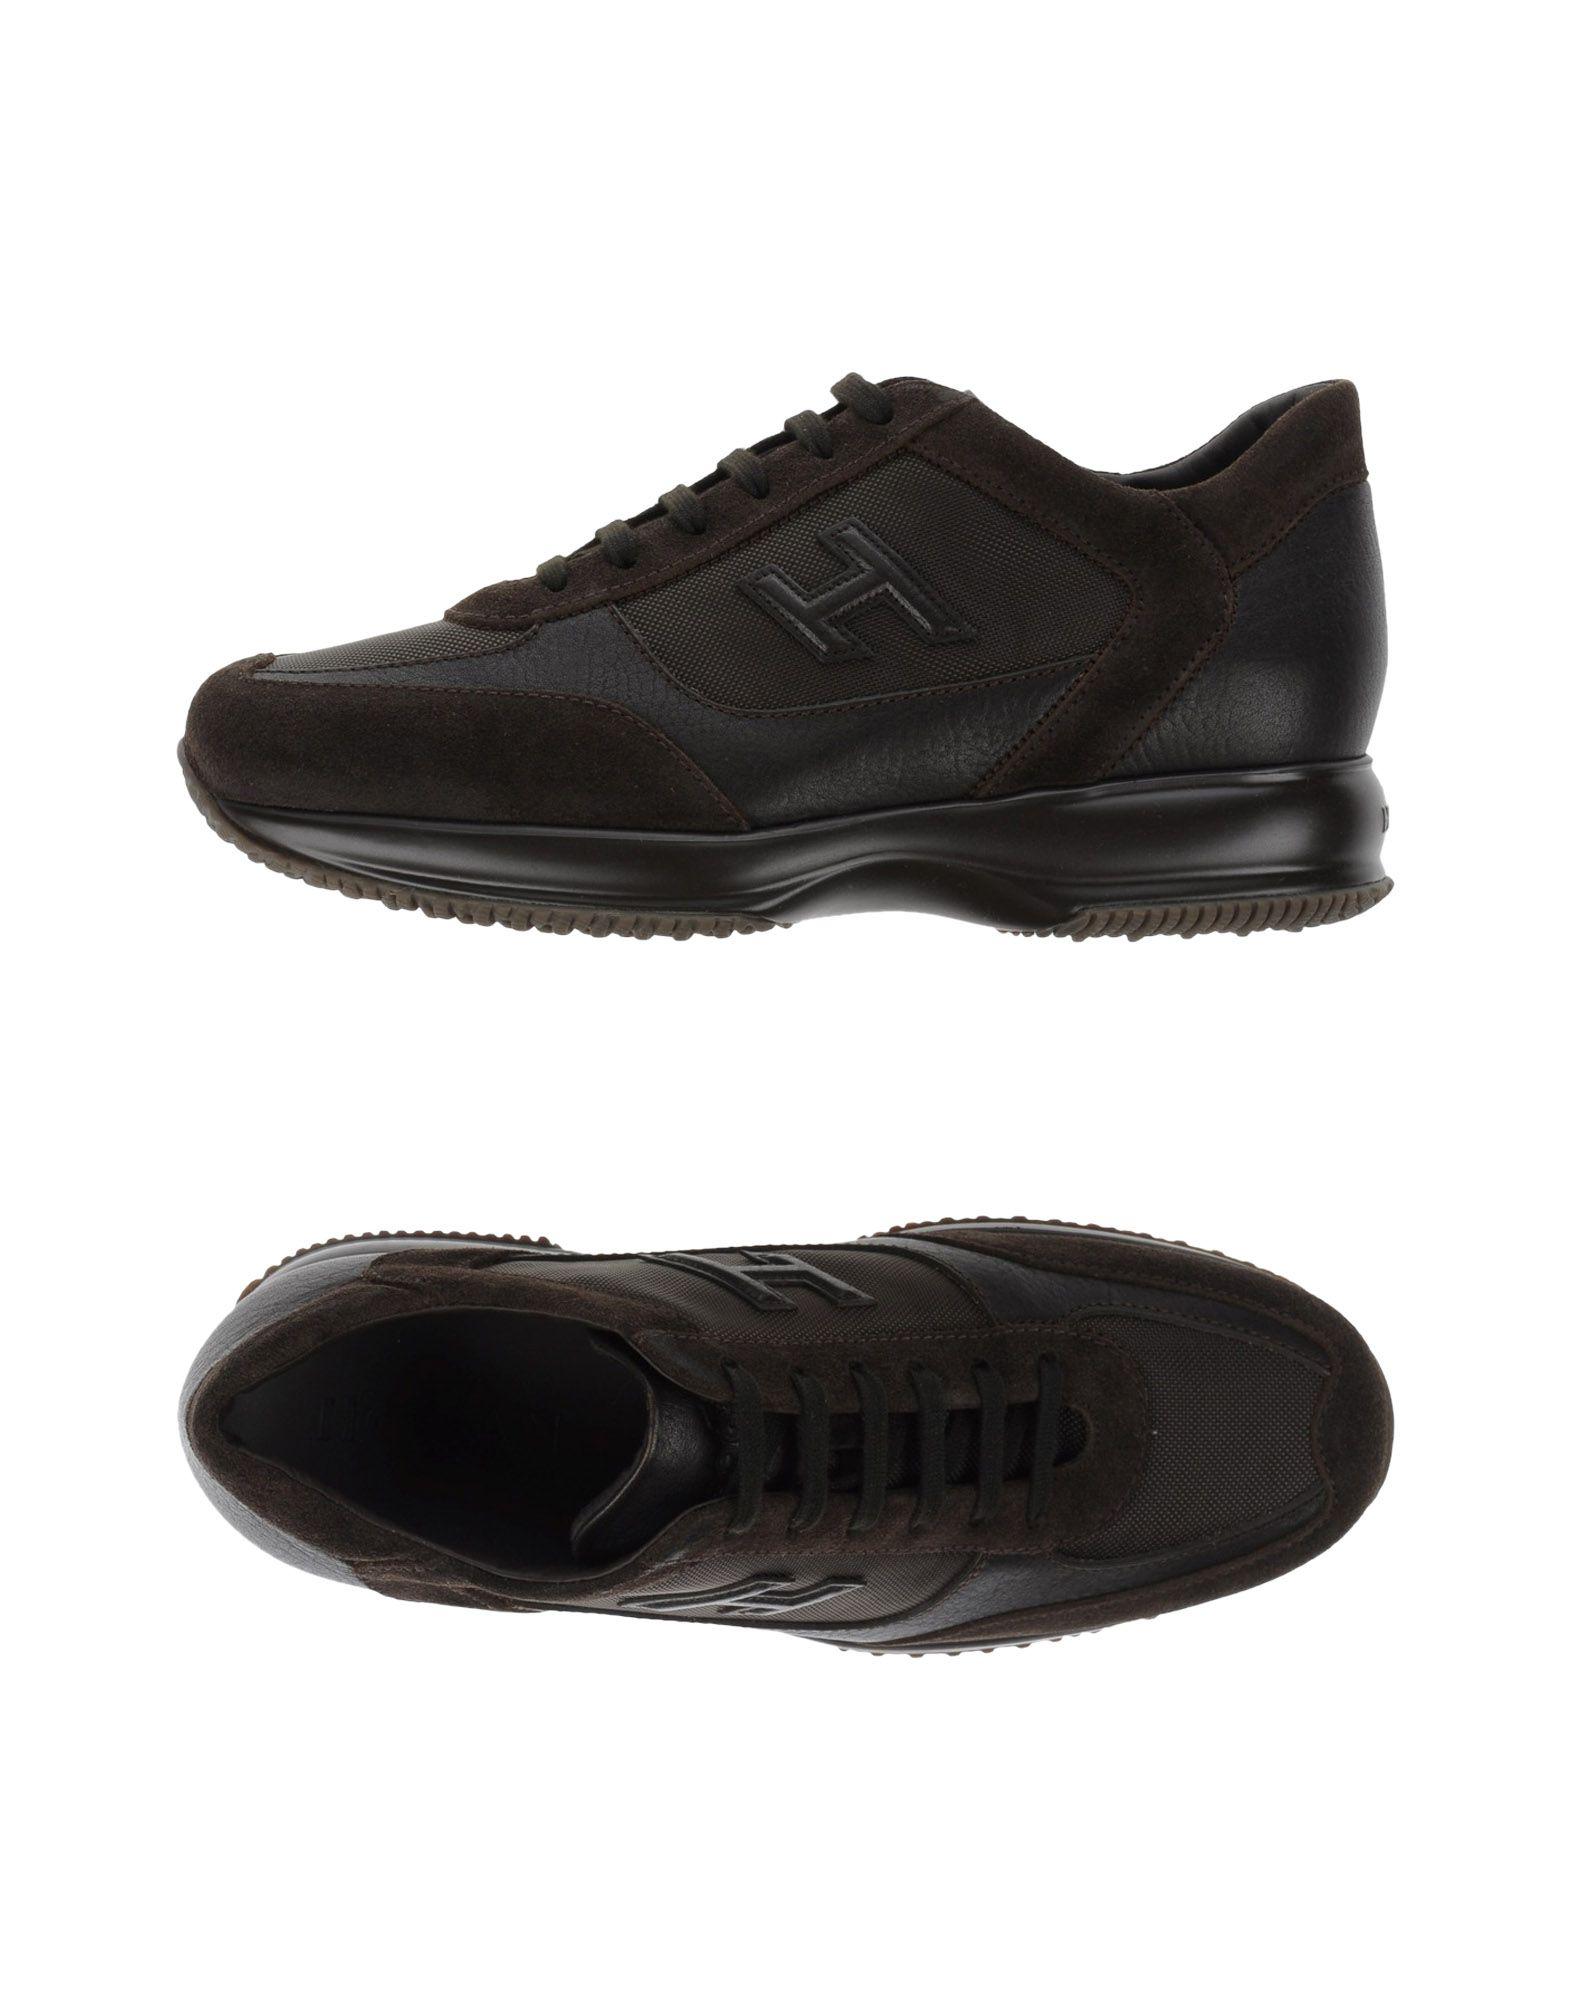 Scarpe economiche e resistenti Sneakers Hogan Uomo - 11087888NR